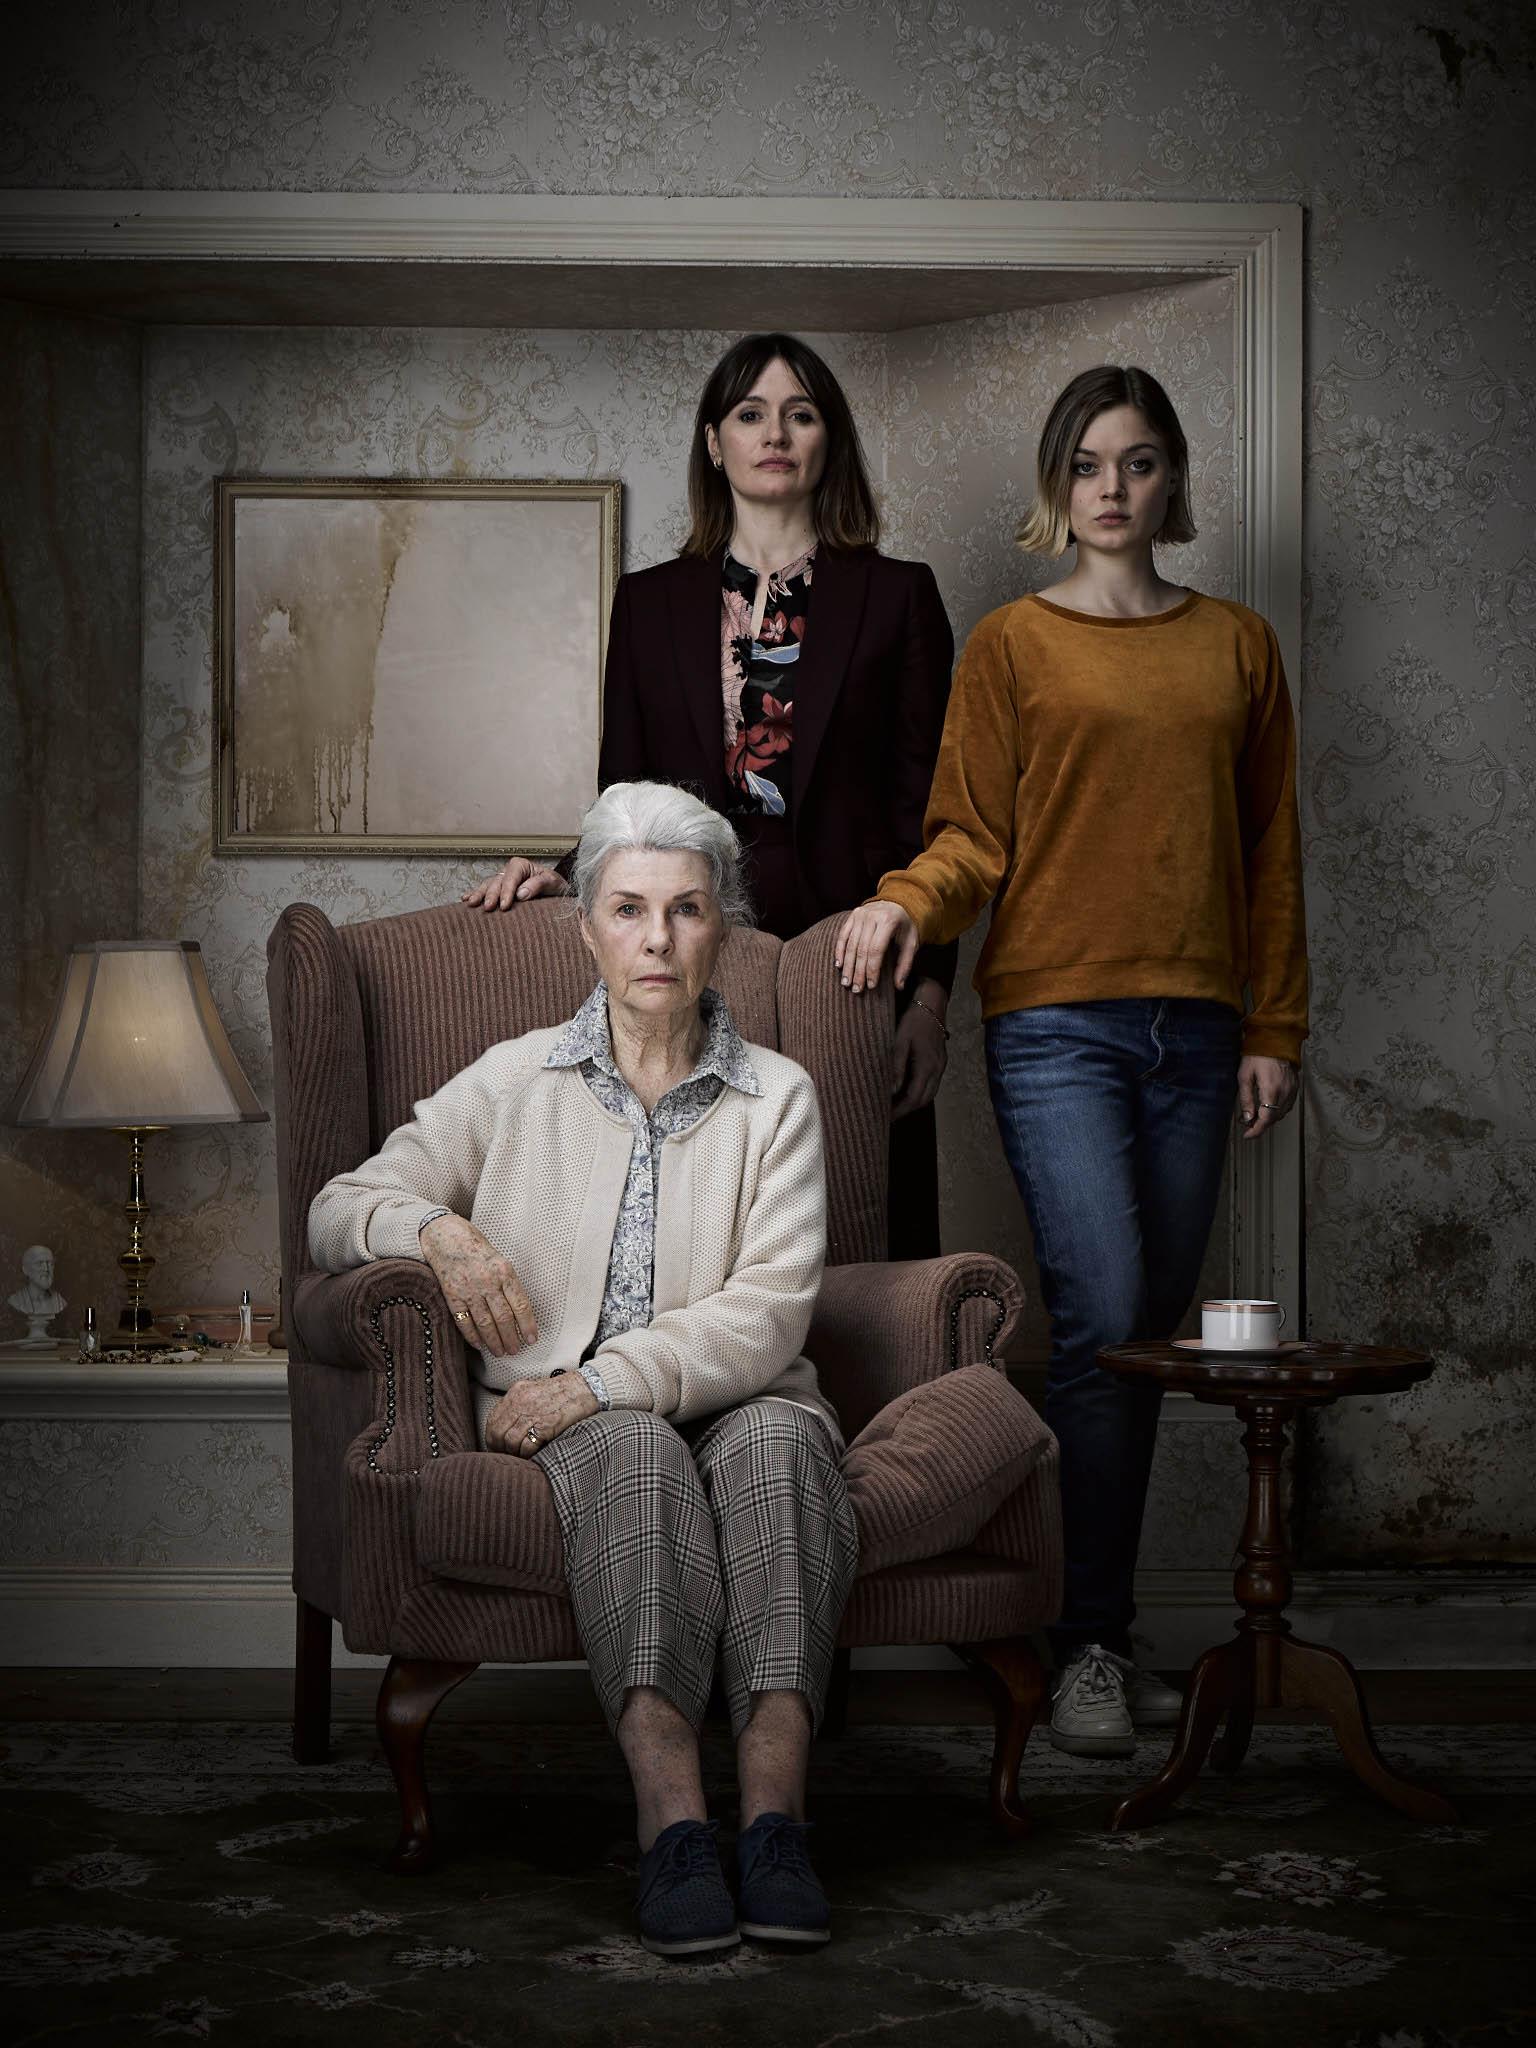 這是一部全女性演出的恐怖電影,由演過多部恐怖片的艾蜜莉莫提梅(後)、《駭客任務》中的先知蘿蘋納文(坐),以及貝拉希斯寇特(右)擔任主演